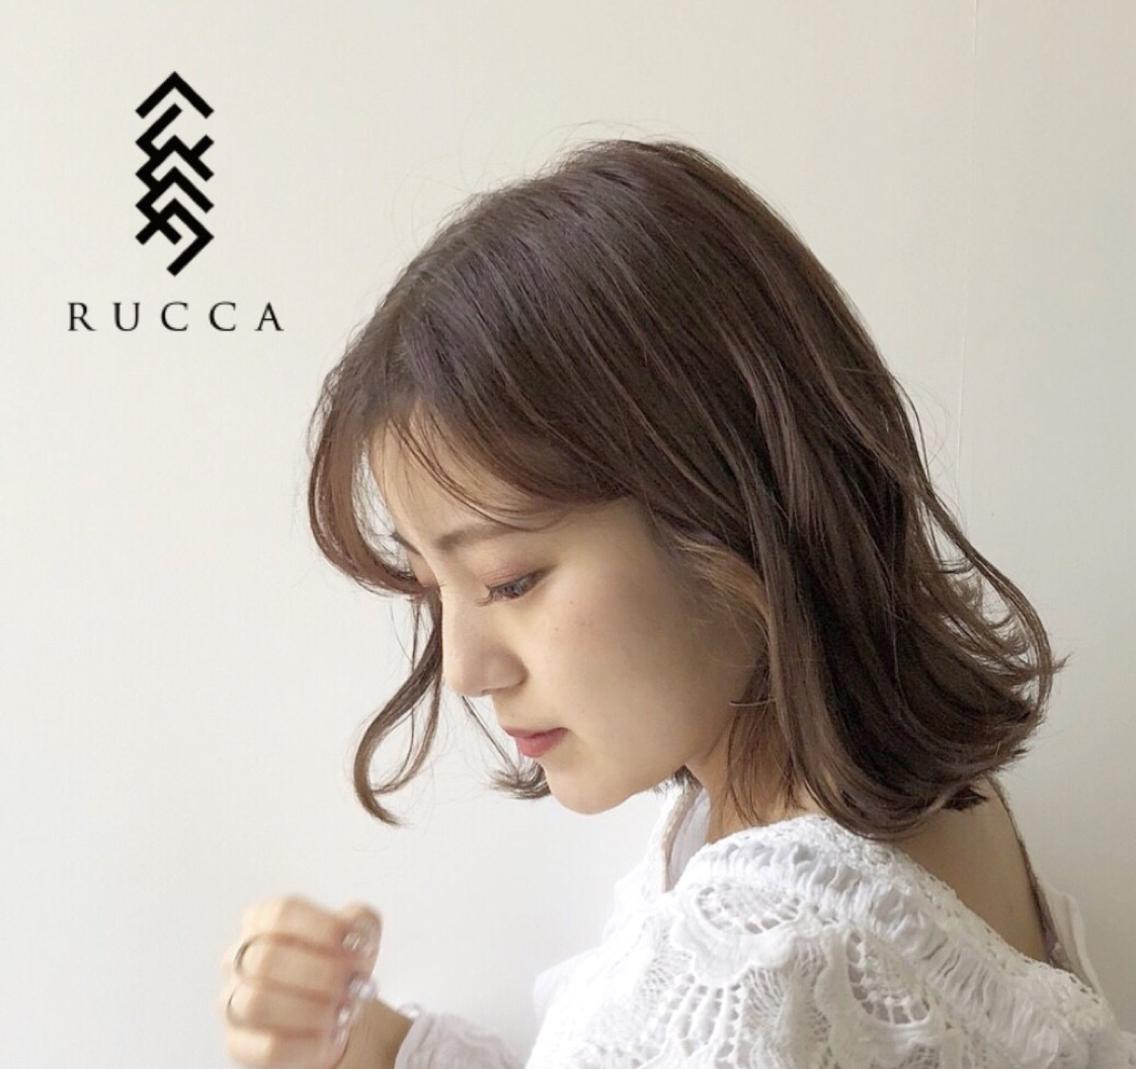 【大幅割引】人気サロン RUCCA こだわり度No.1☆「特別クーポン」